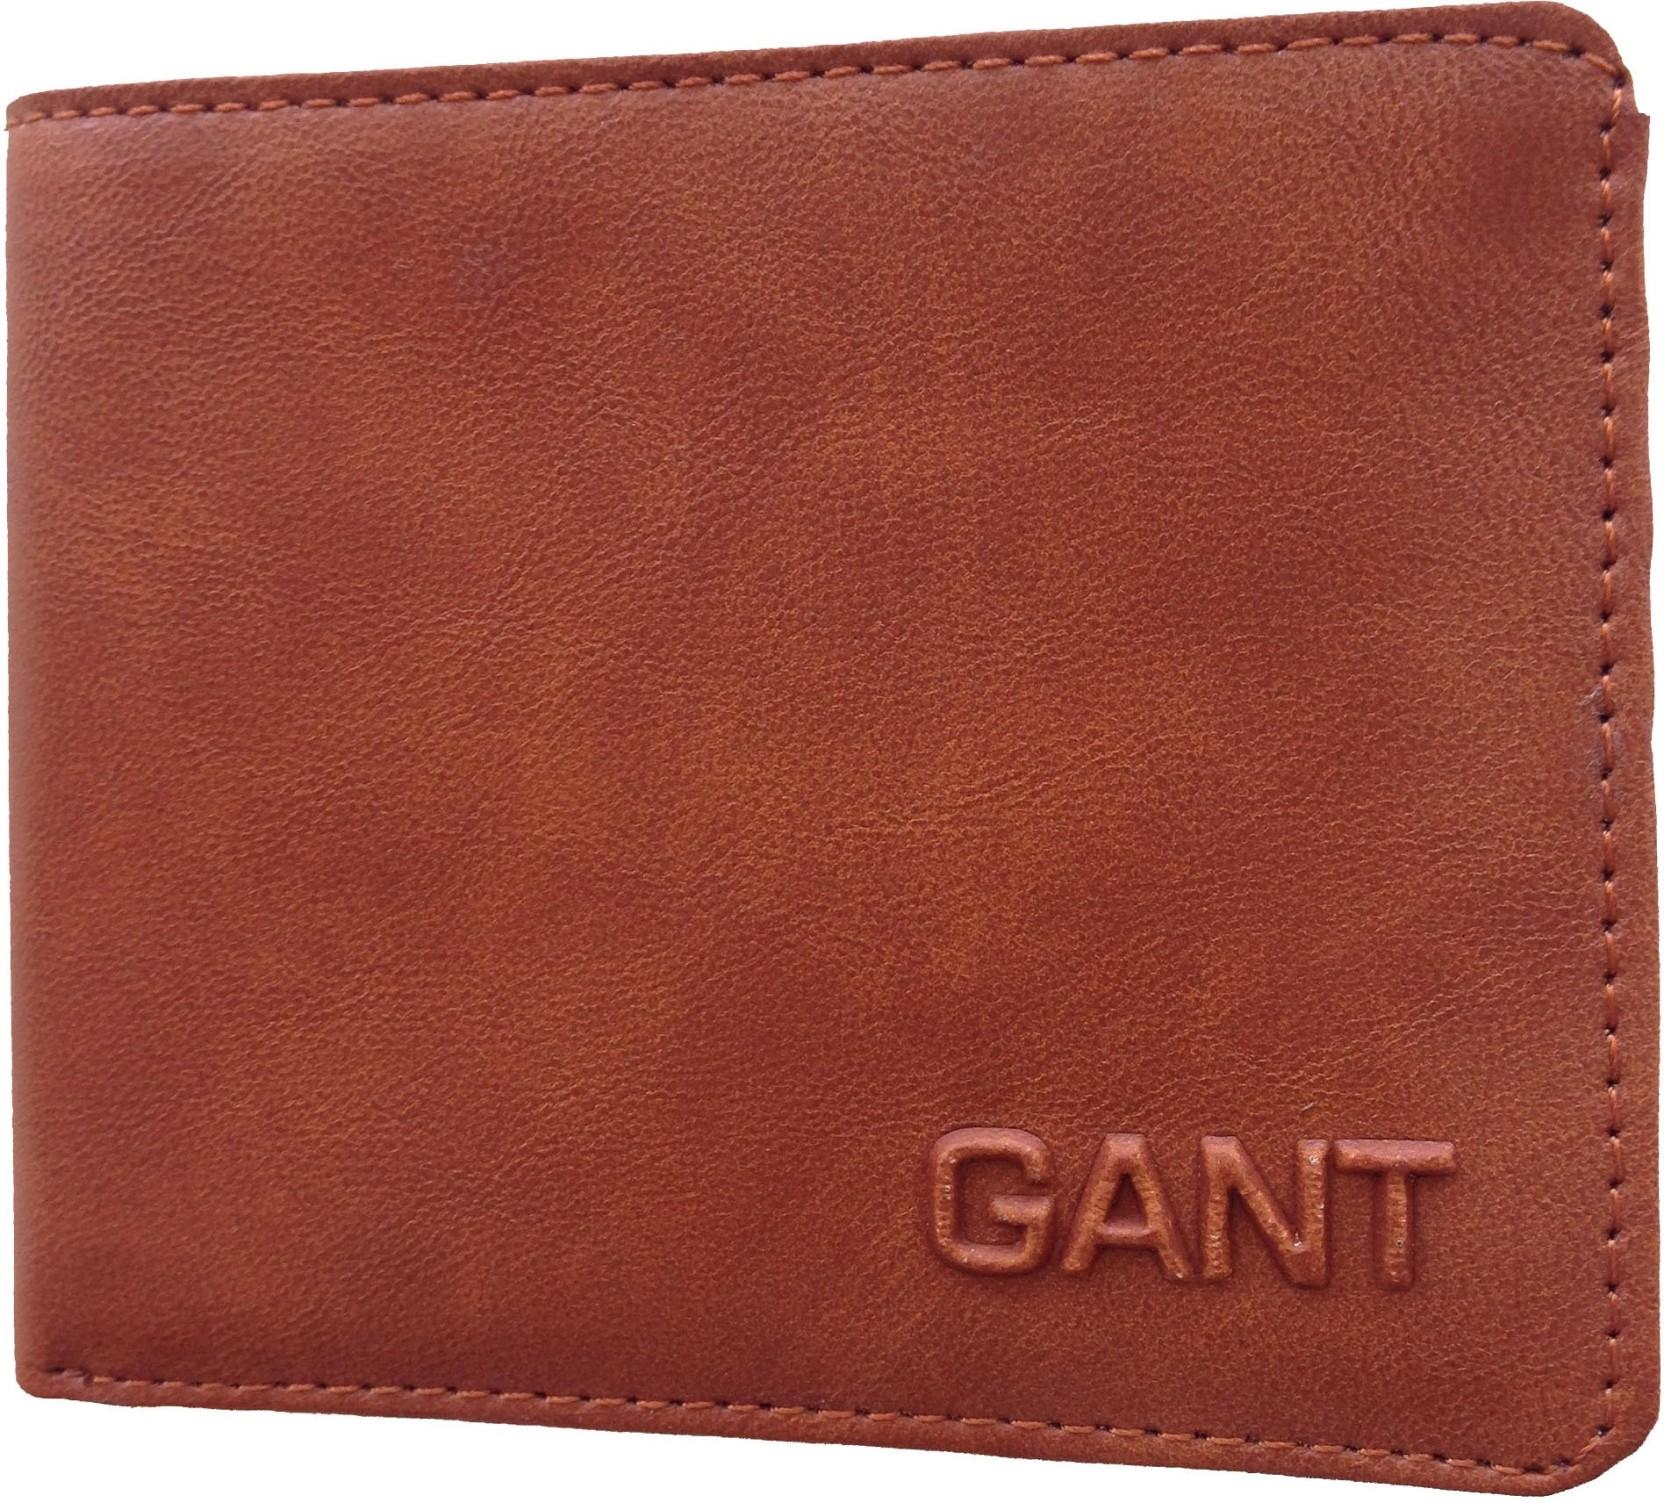 Gant Wallet Gant Men/'s Gift Boxed Leather Wallet Black